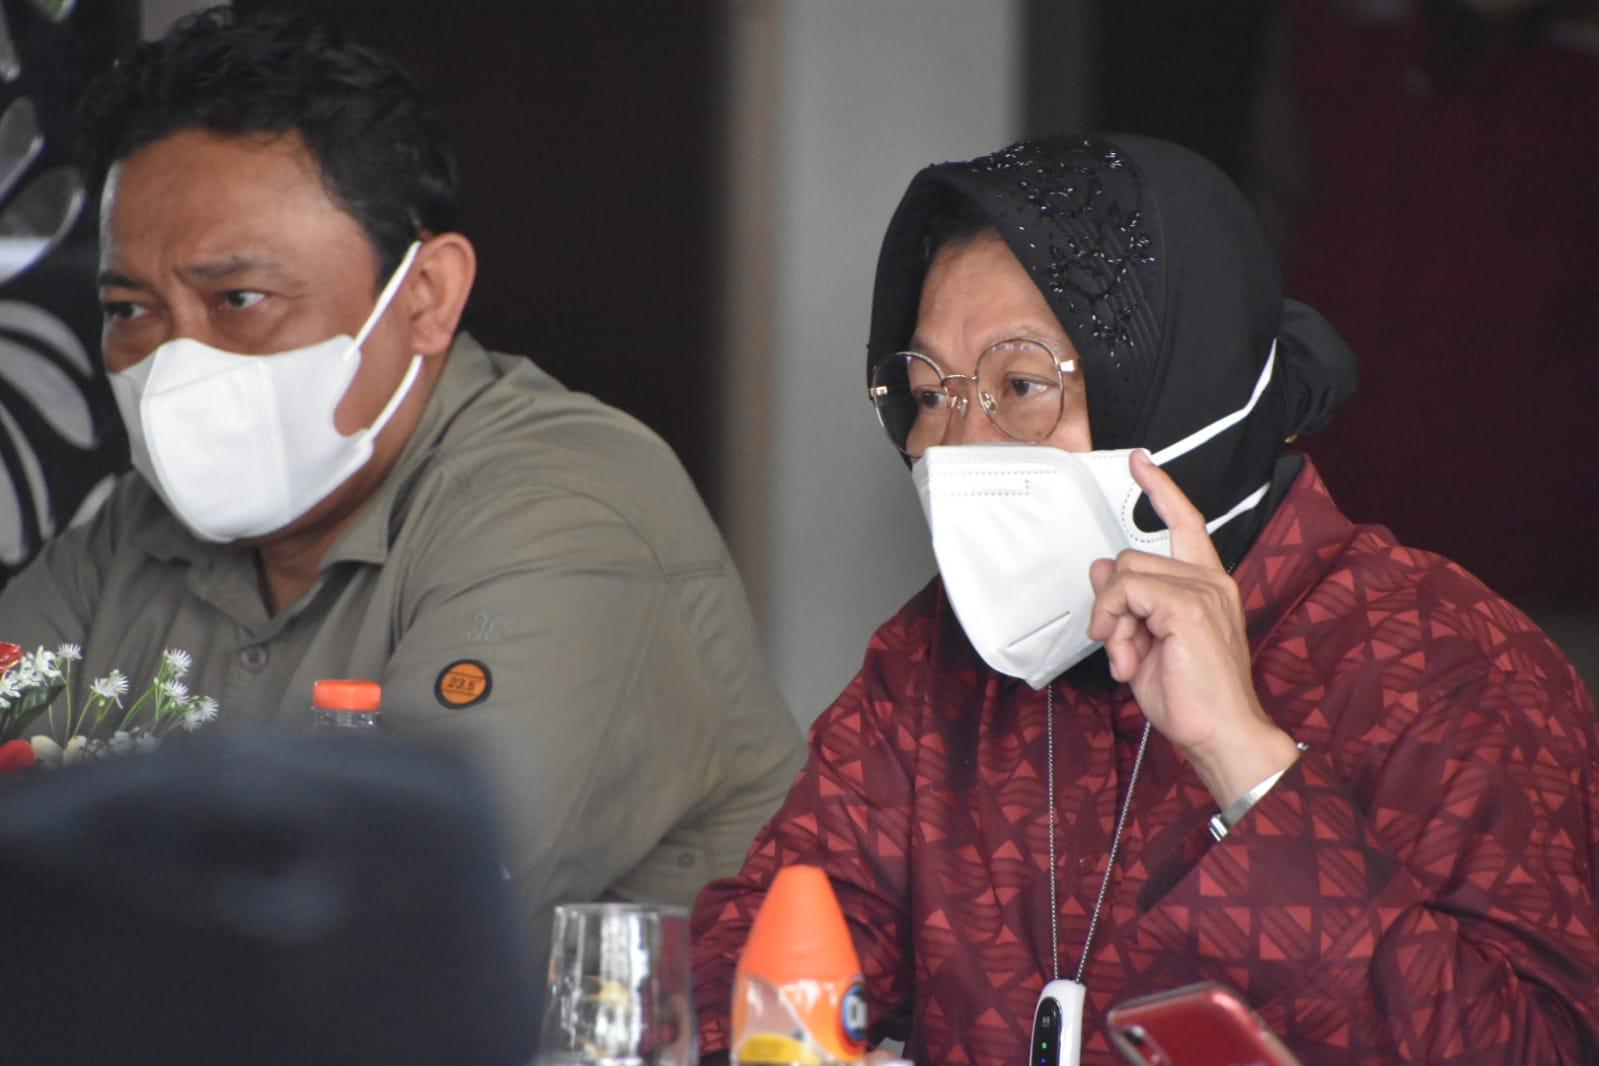 Mensos Harapkan Mitra Penyalur Bekerja Sama dalam Penyaluran Bansos di Wilayah Terpencil Kalteng